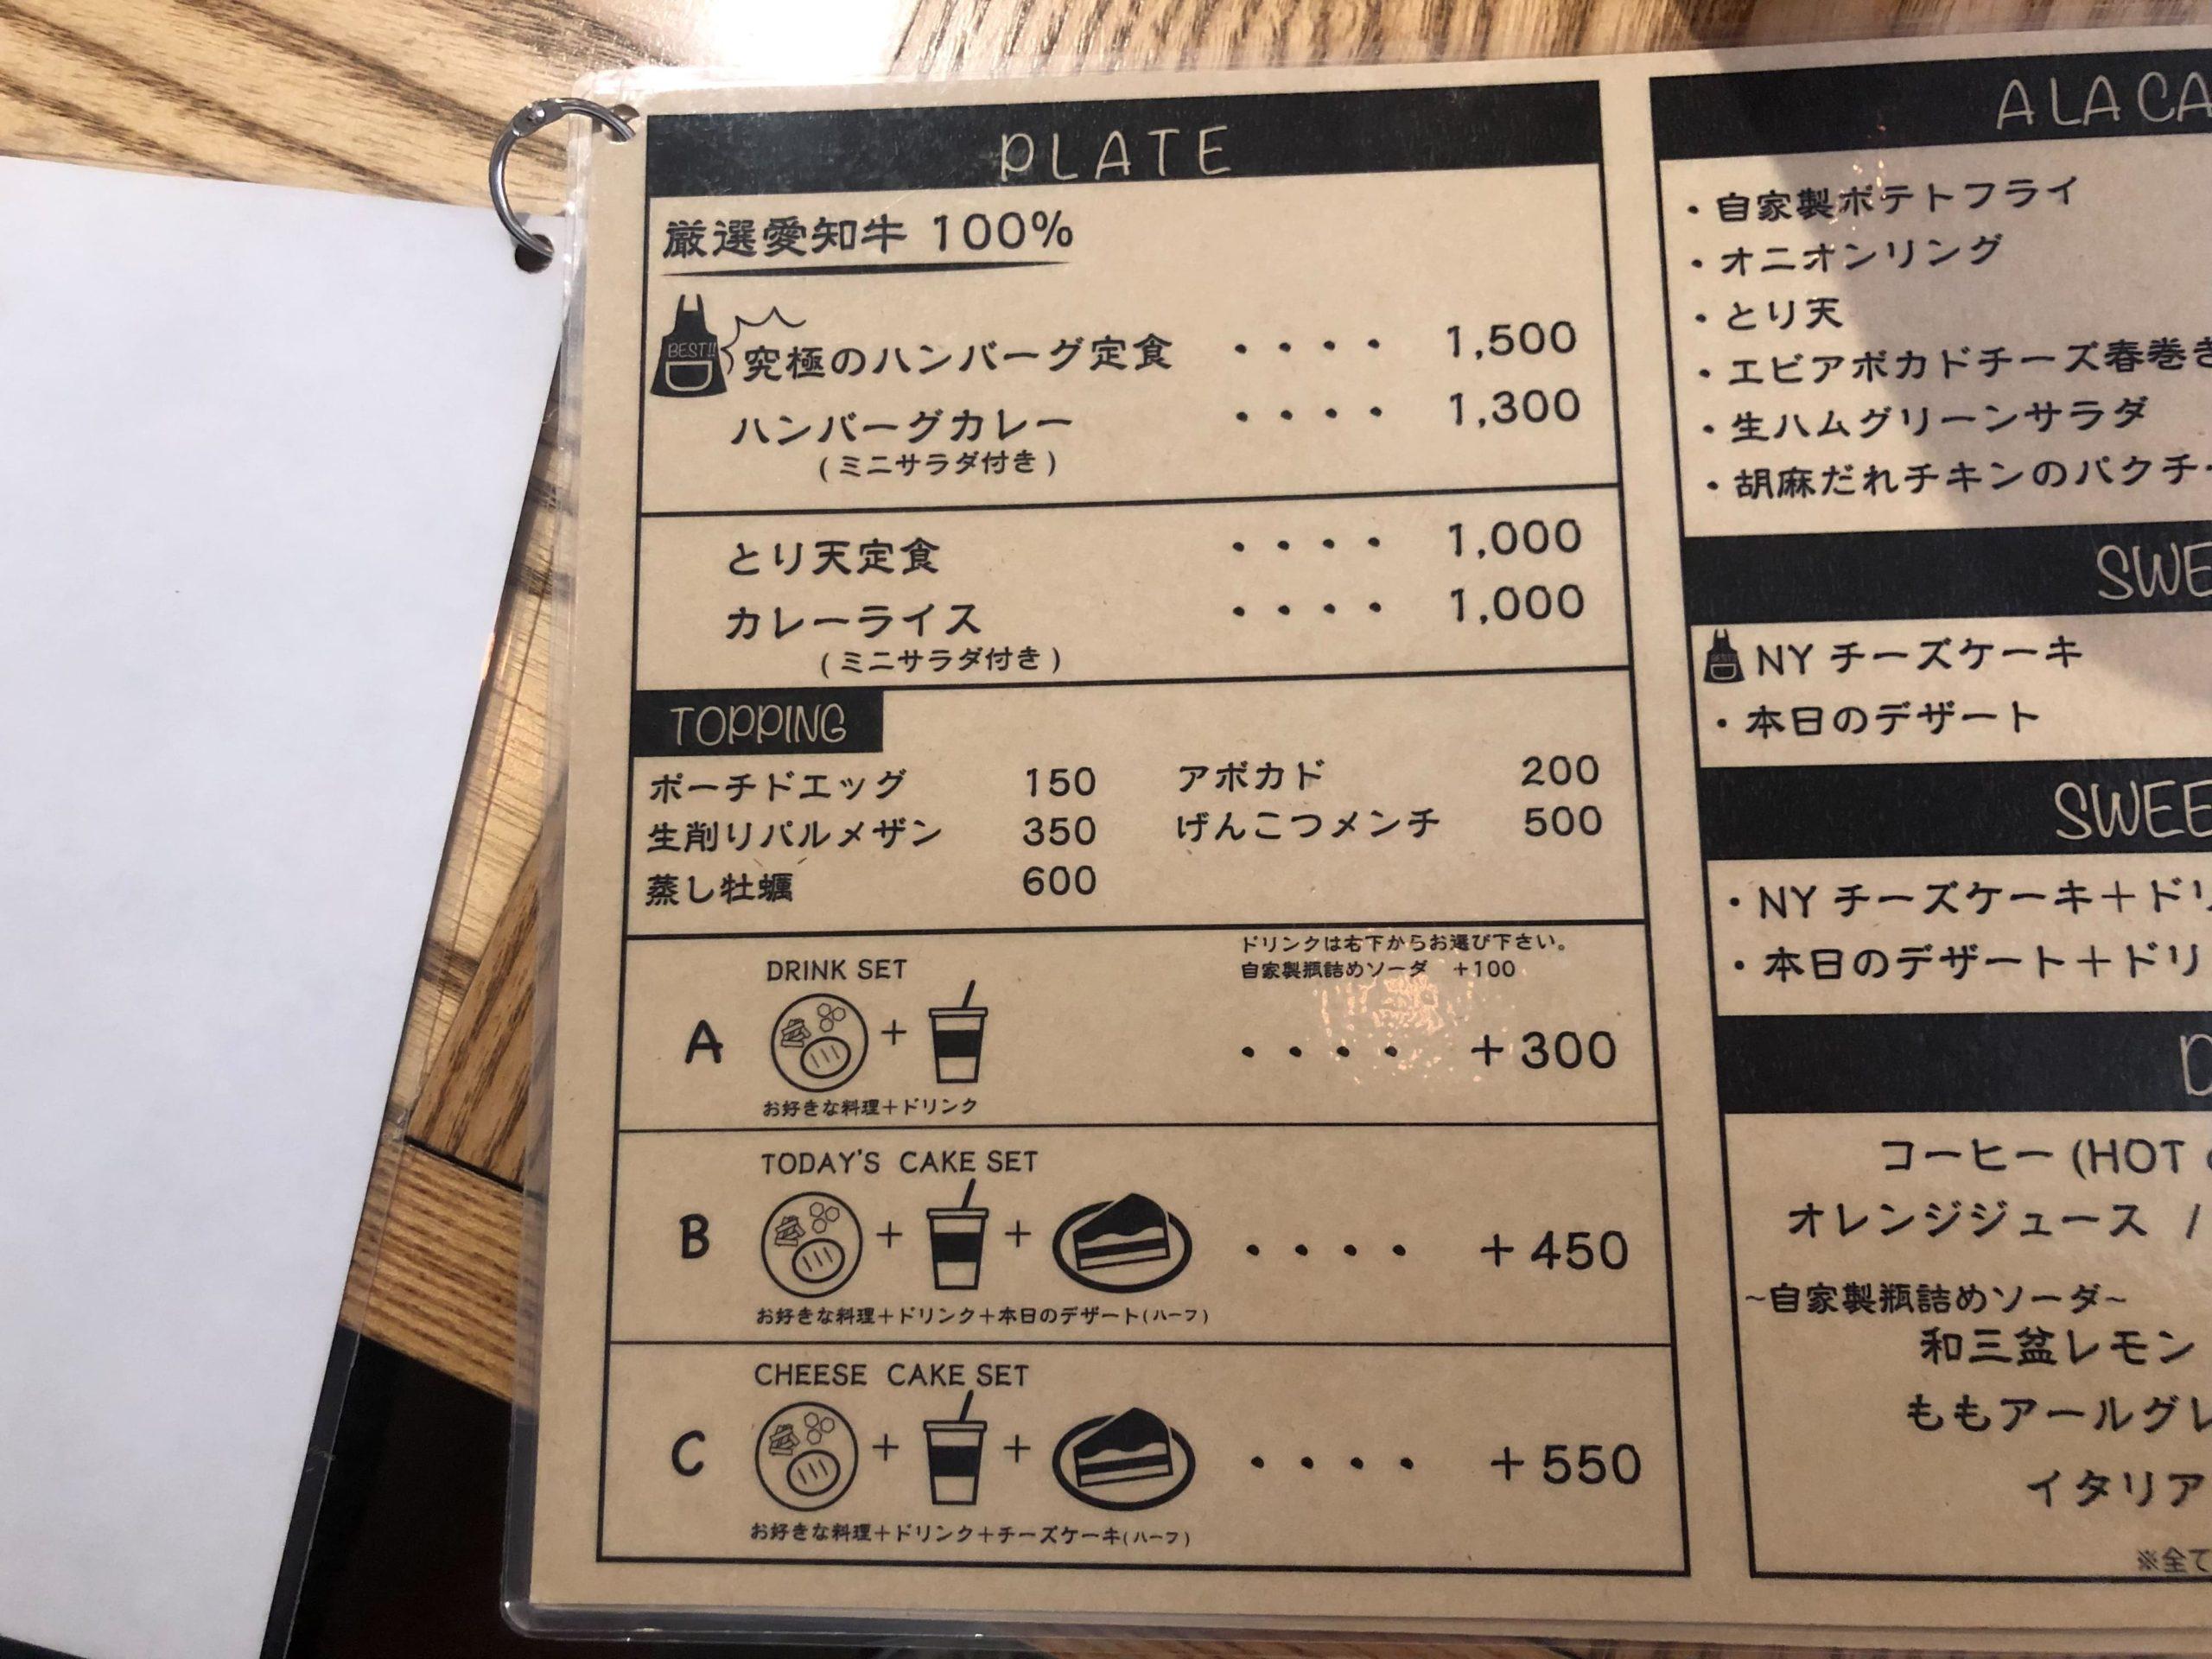 「挽肉のトリコ」その他のランチメニュー